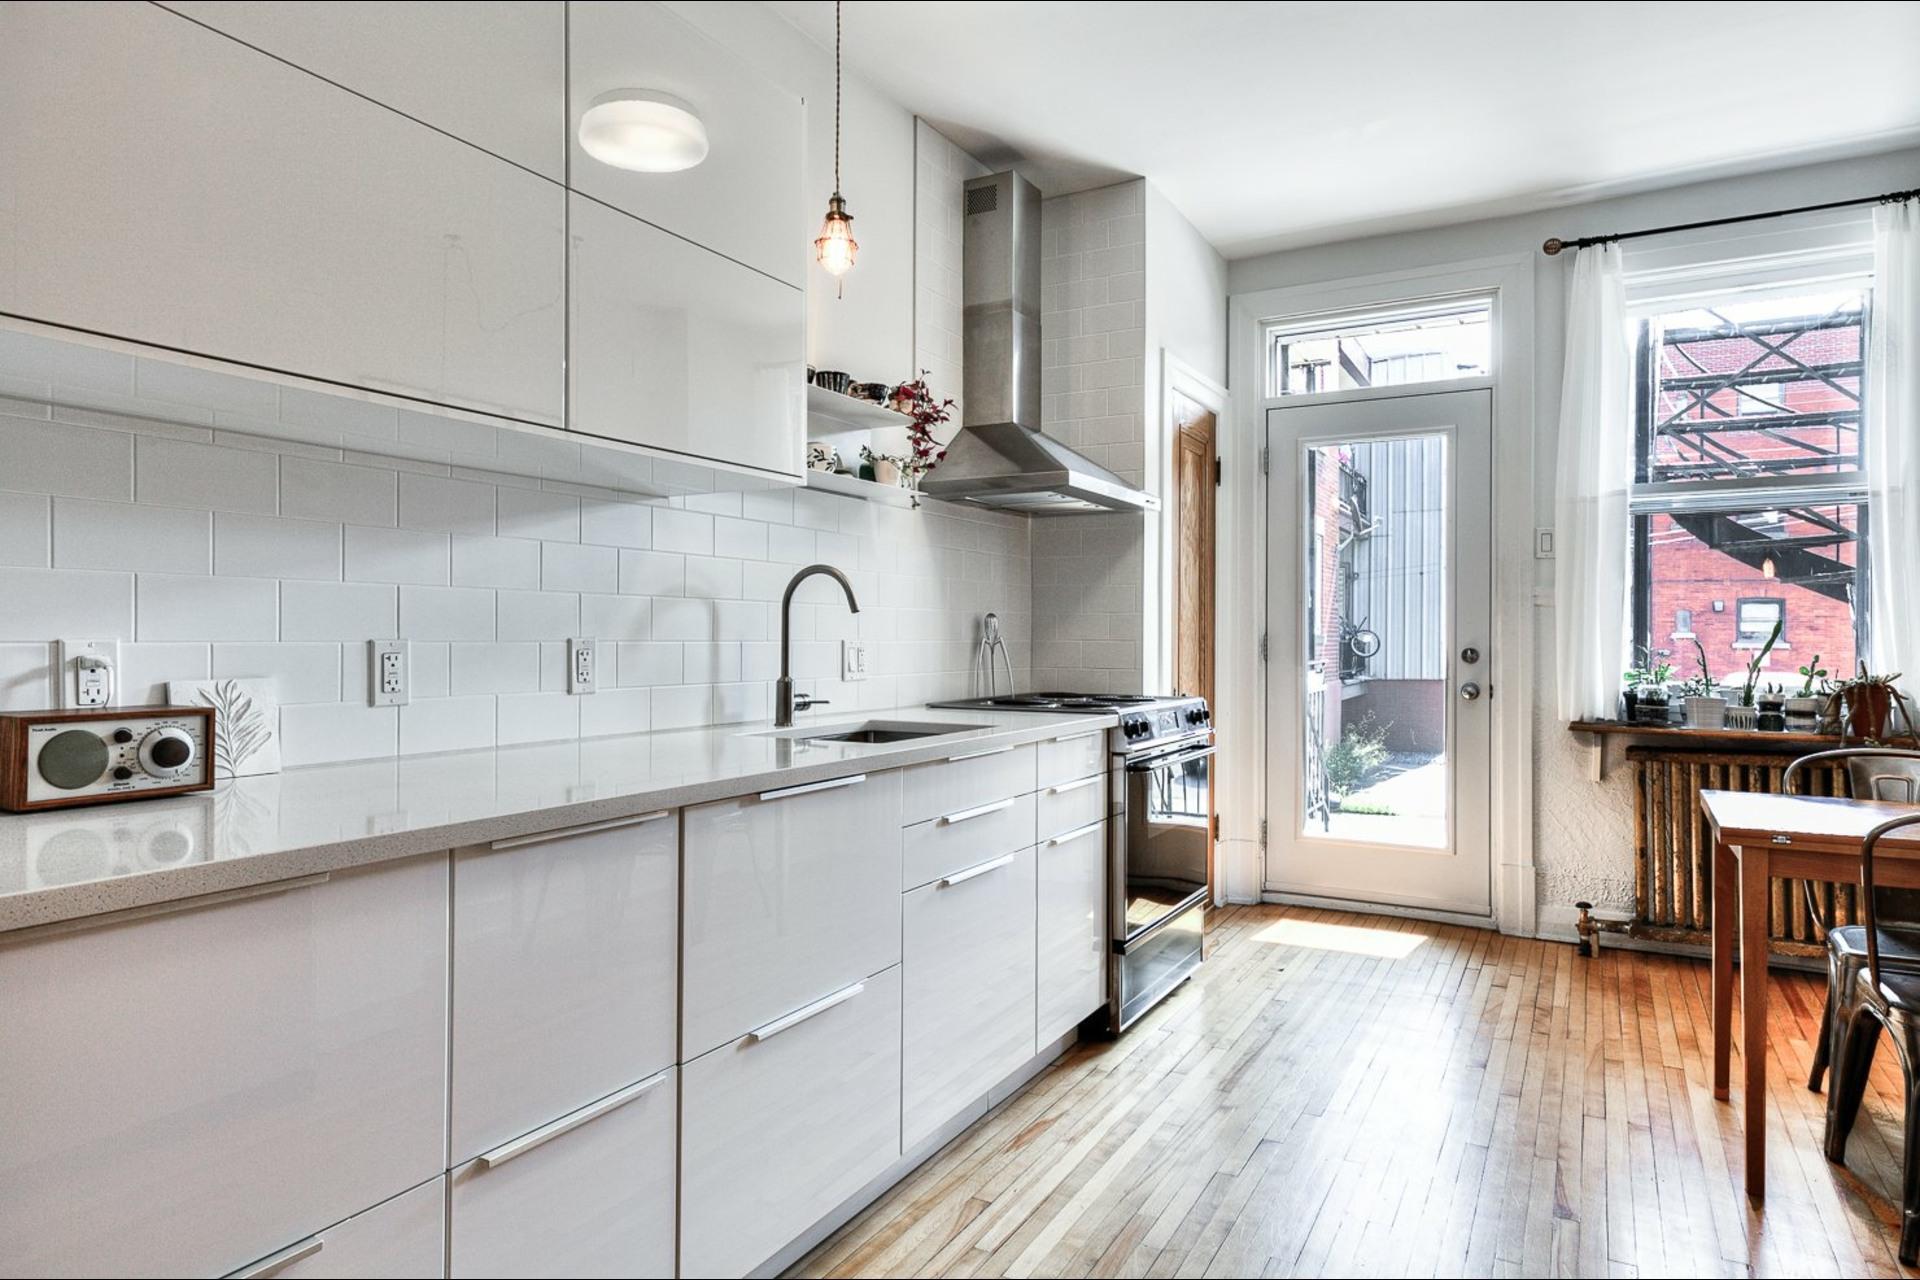 image 5 - Appartement À vendre Montréal Le Plateau-Mont-Royal  - 9 pièces